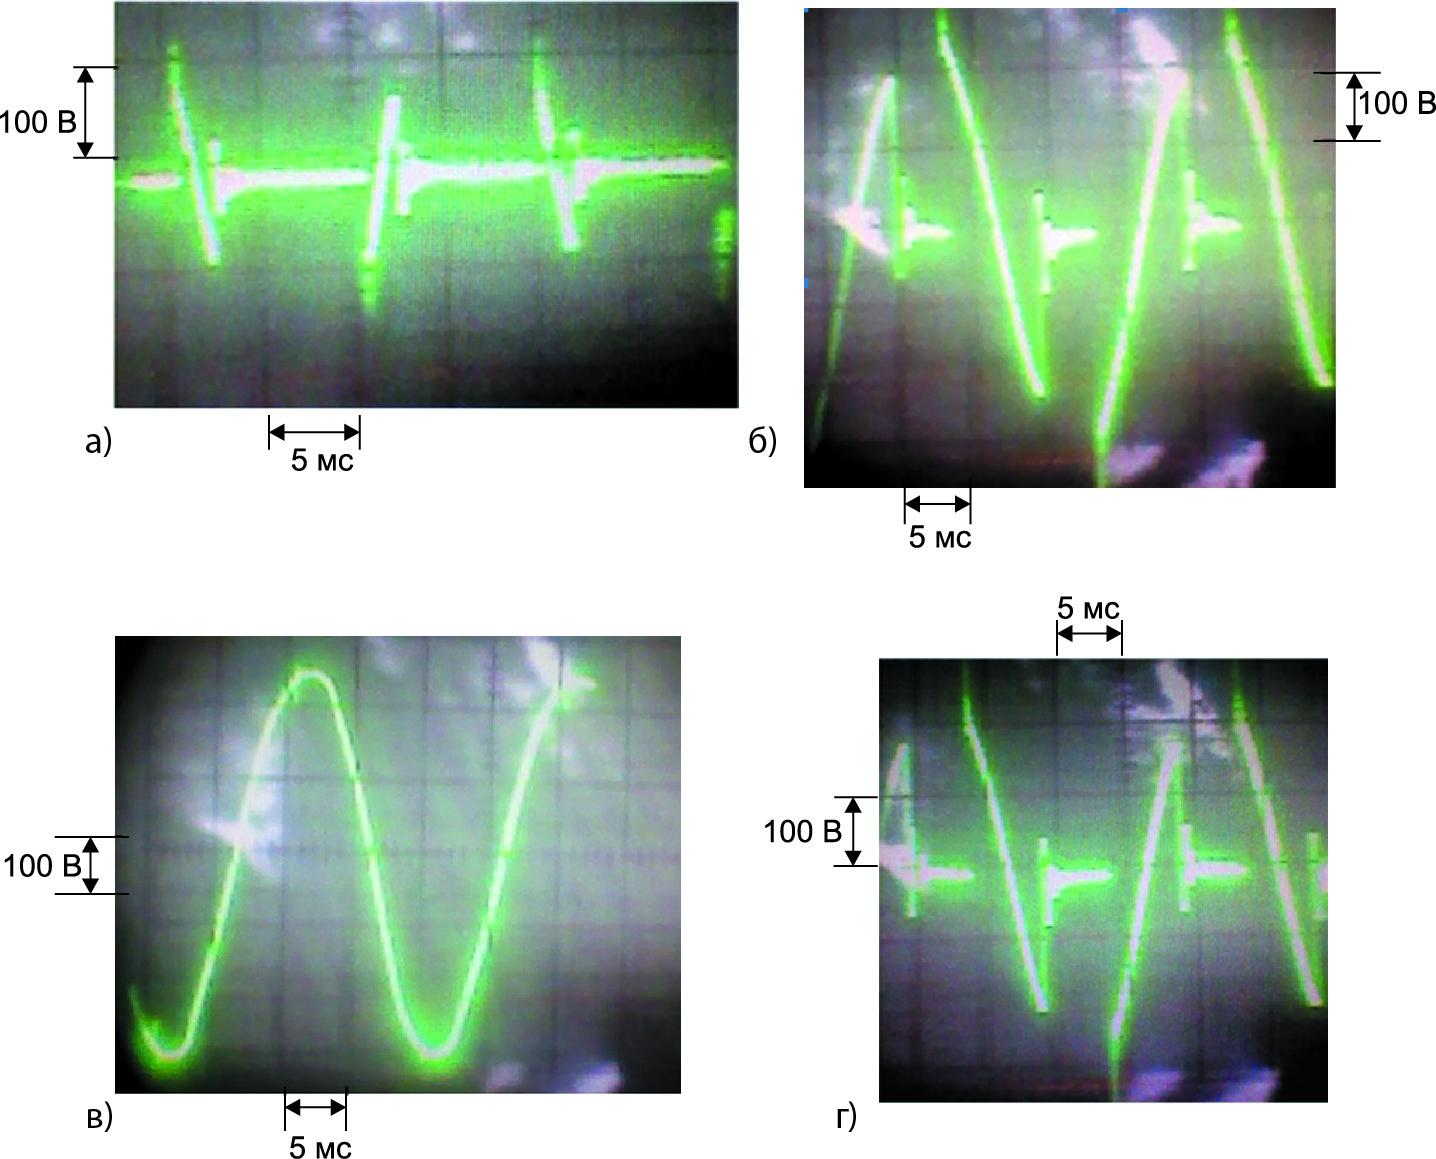 Временные диаграммы напряжений на обмотке ЭМ на разных этапах процесса РМ